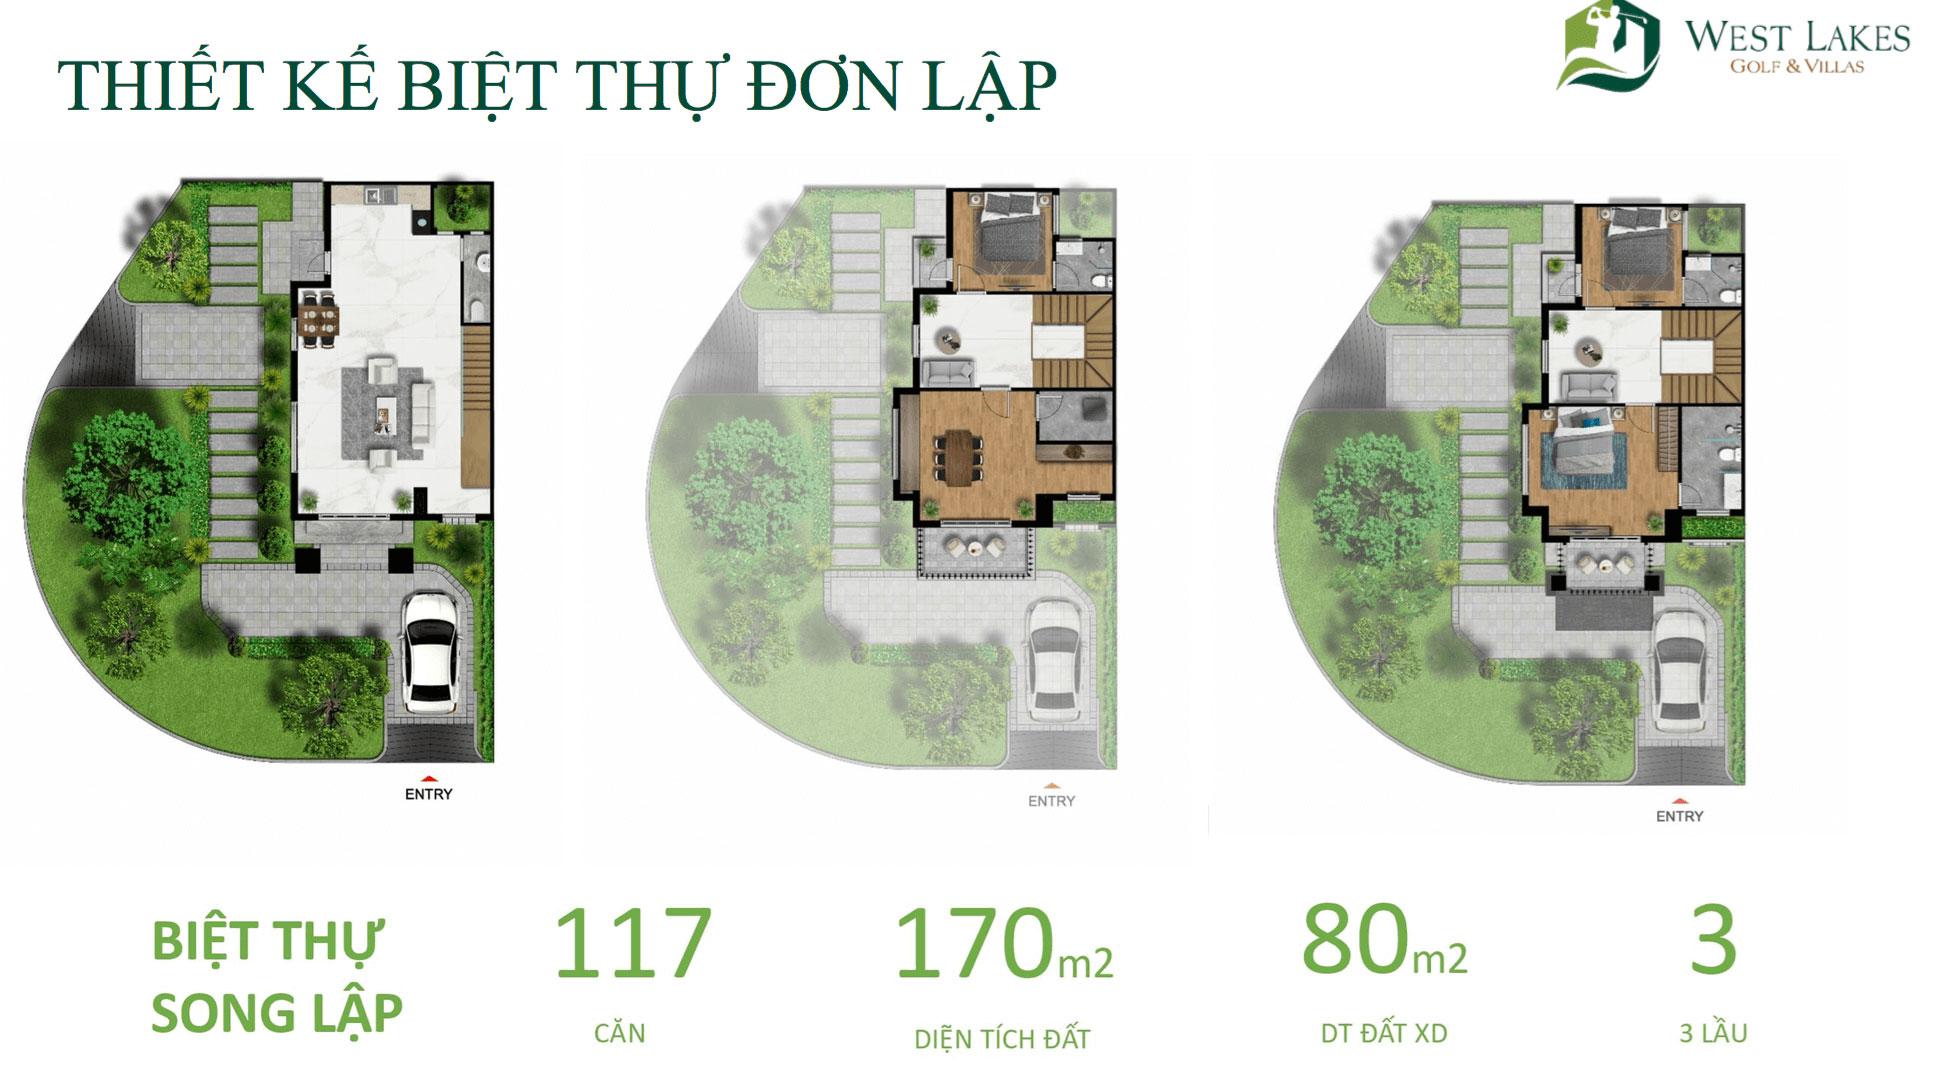 Thiết kế biệt thự song lập West Lakes Golf & Villas hình 2